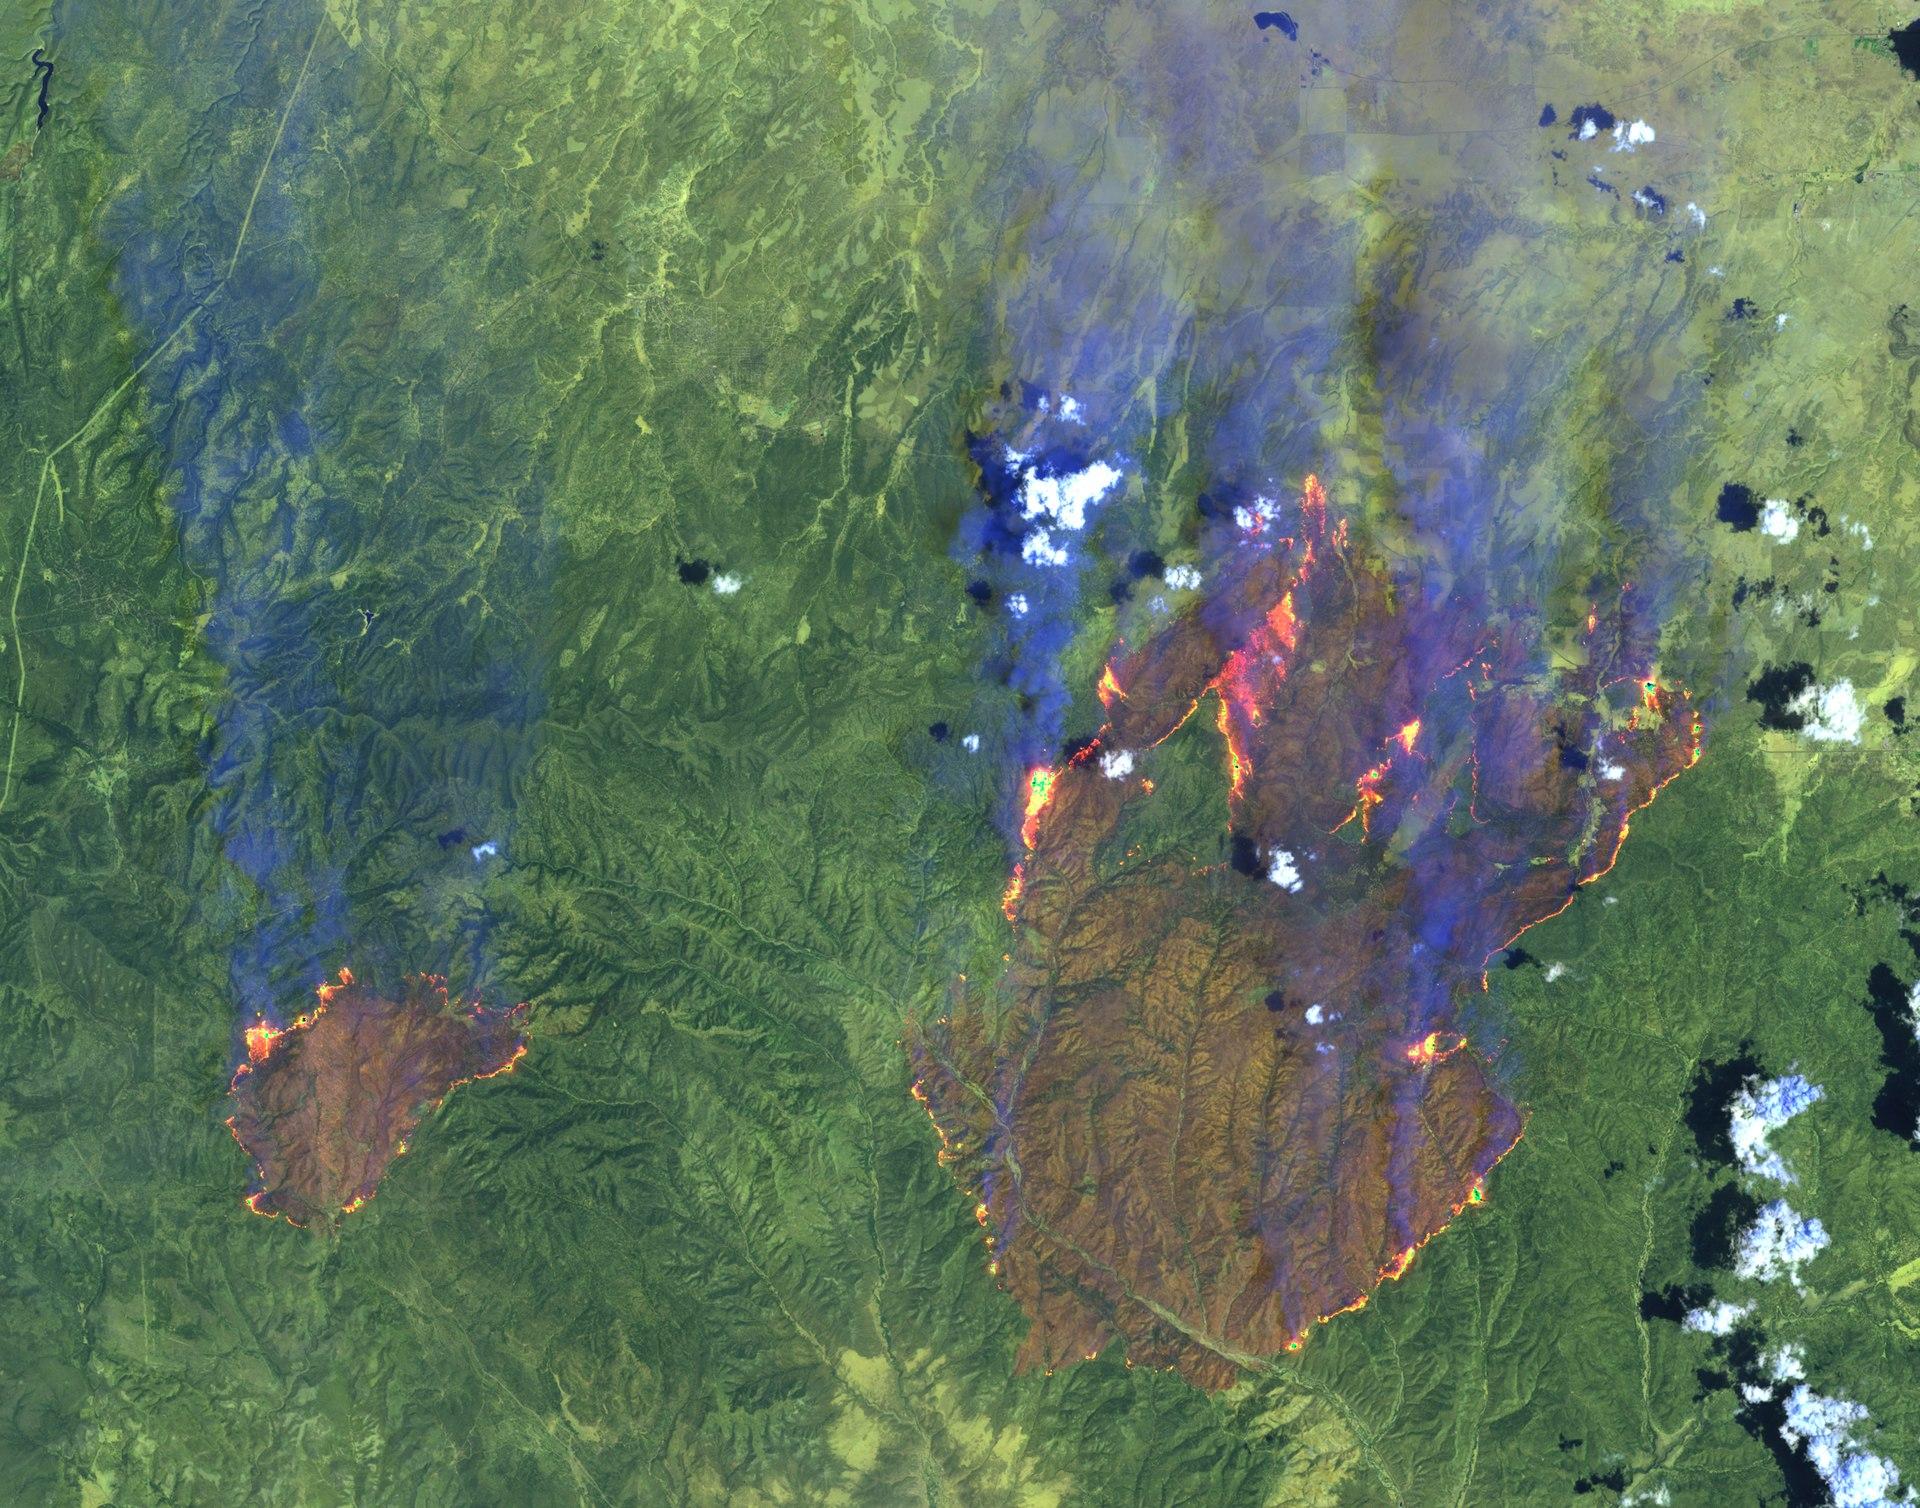 Rodeo Chediski Fire Wikipedia